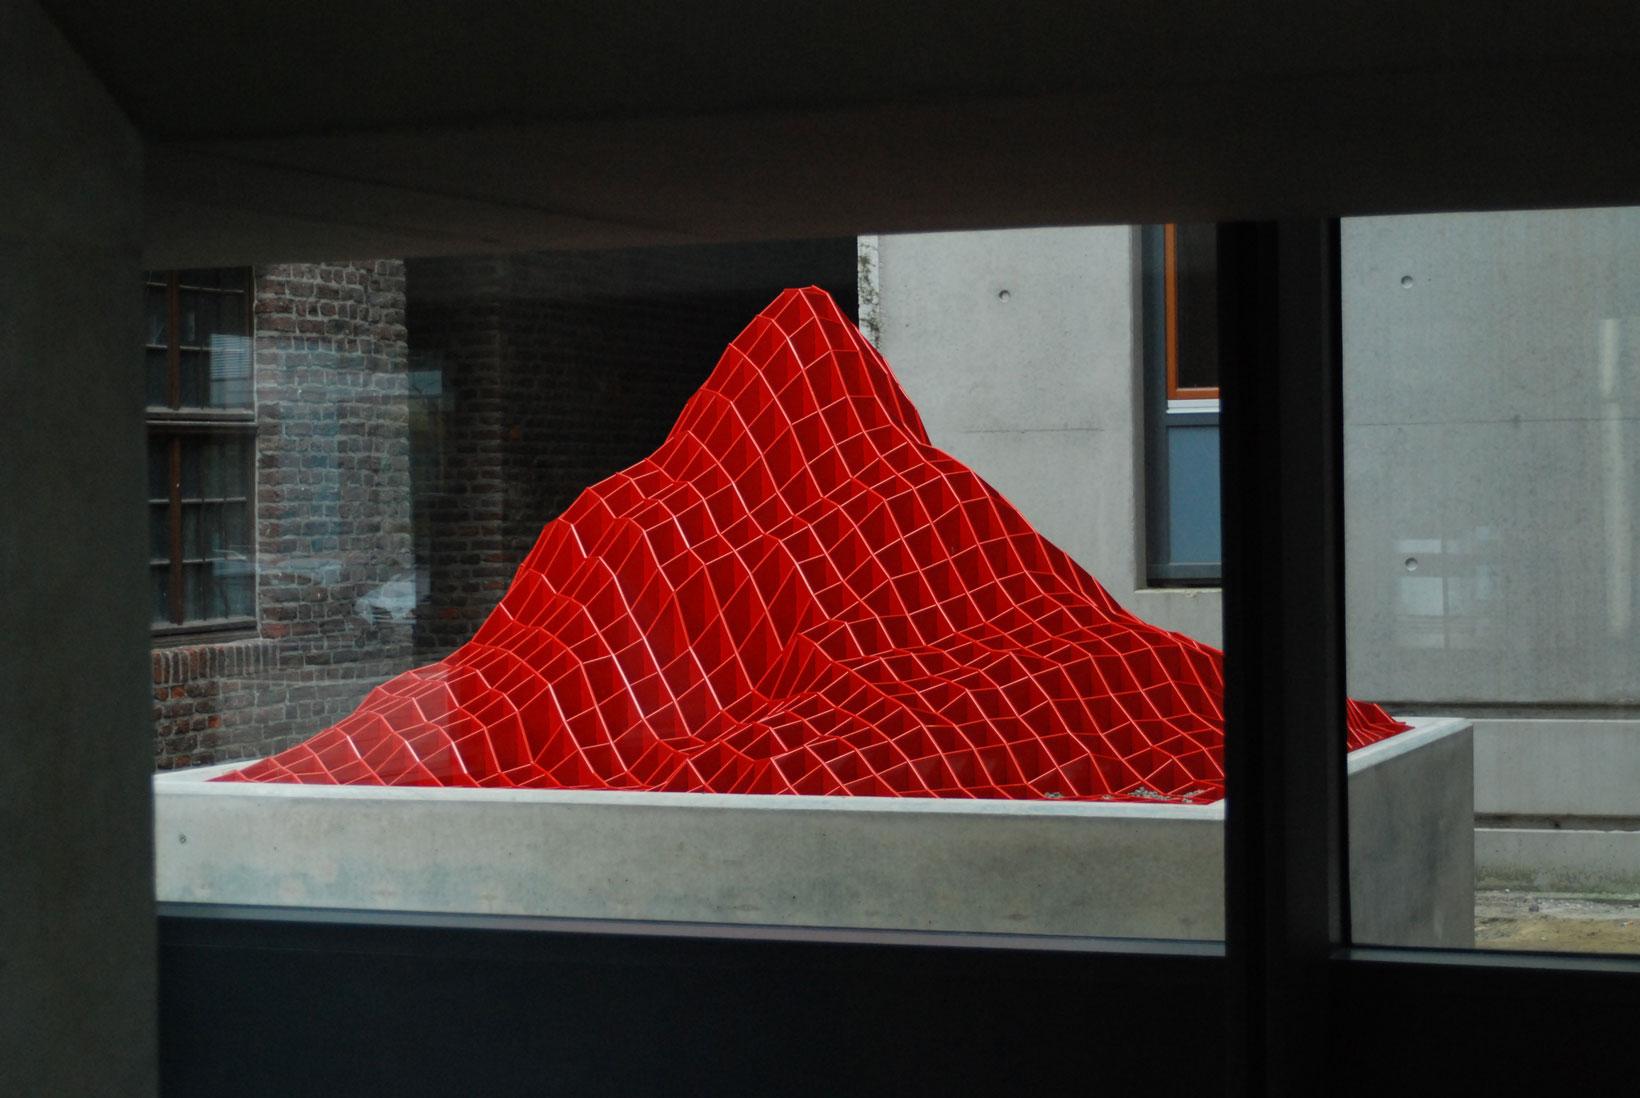 Roter Berg, Goch